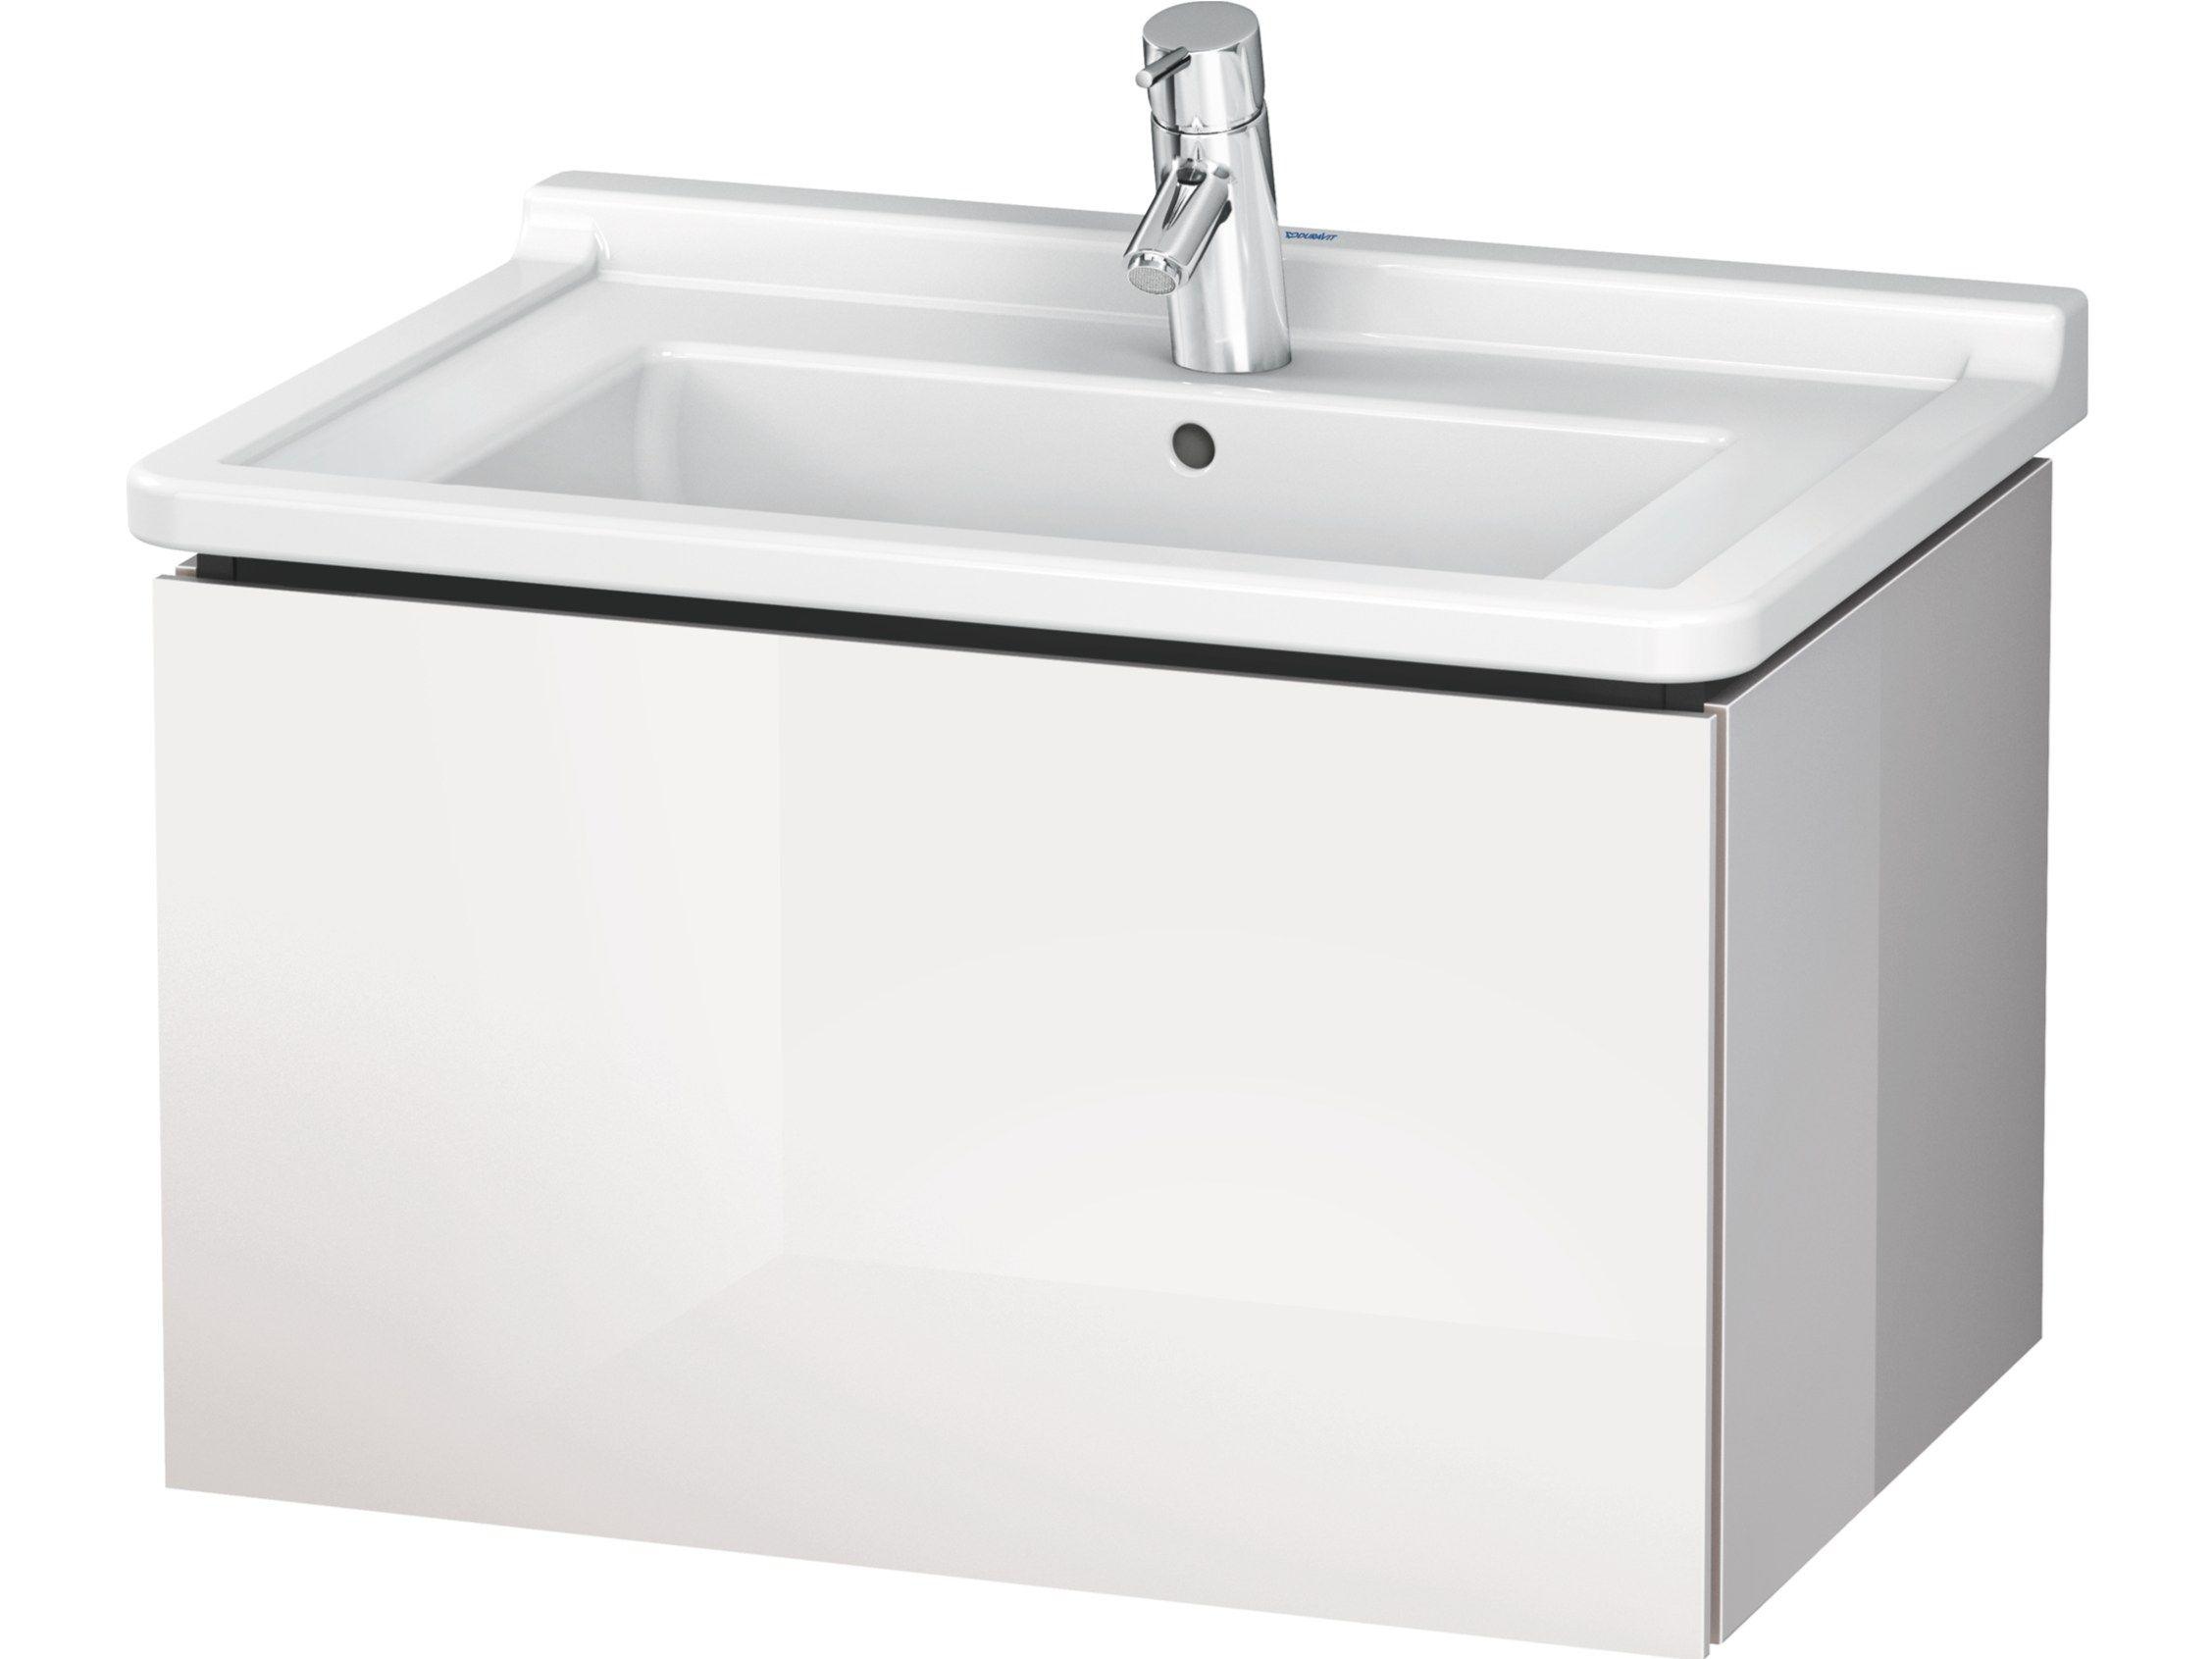 Lc 6164 meuble sous vasque by duravit design christian werner - Meuble sous vasque design ...